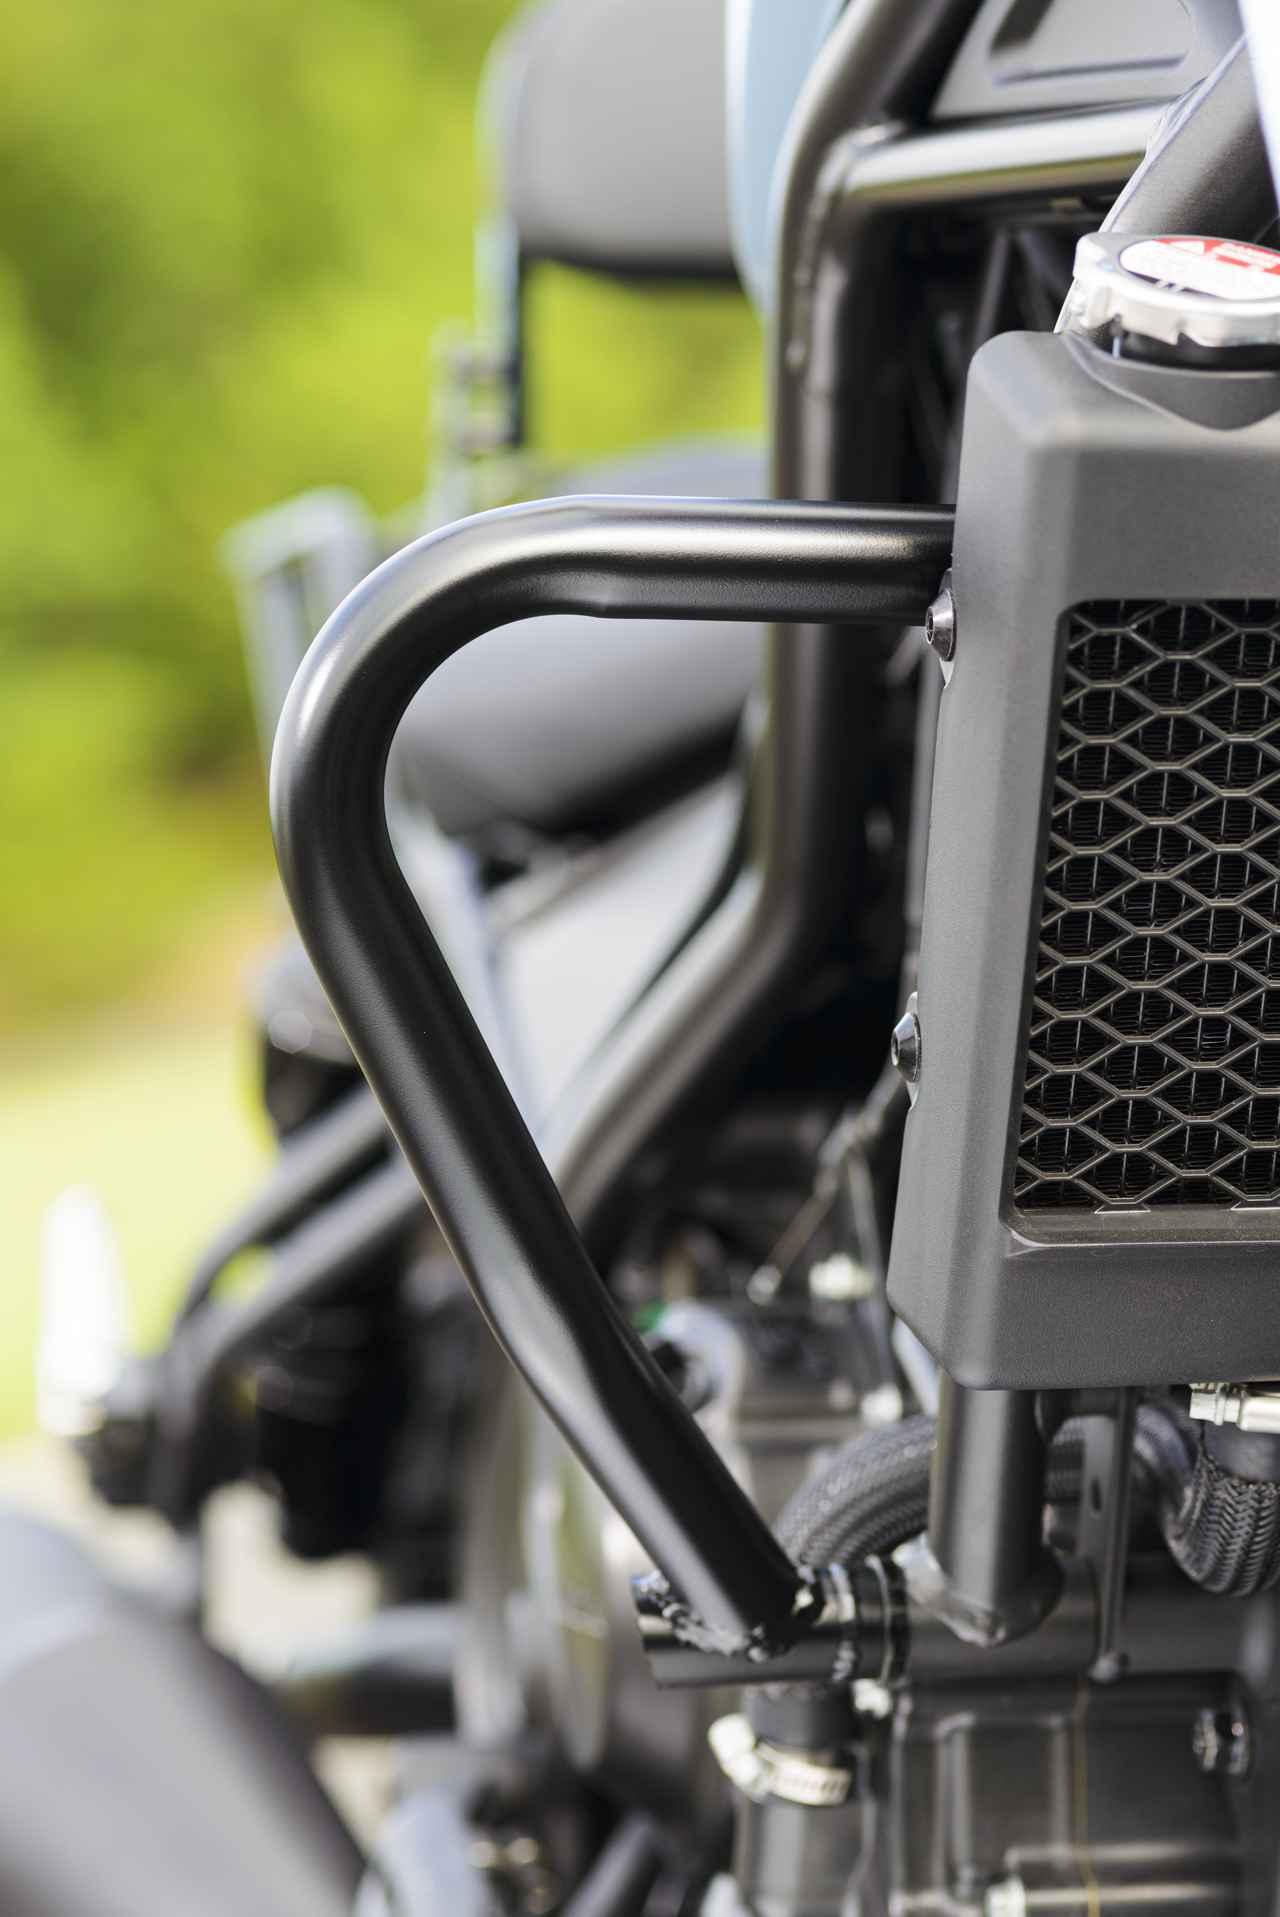 画像: エンジンガード アッパー。こちらは現在開発中だが、エンジンの保護以外にも、アクションカメラやドライブレコーダーの取り付けもできそうだし、使い勝手の良さそうなパーツだ。